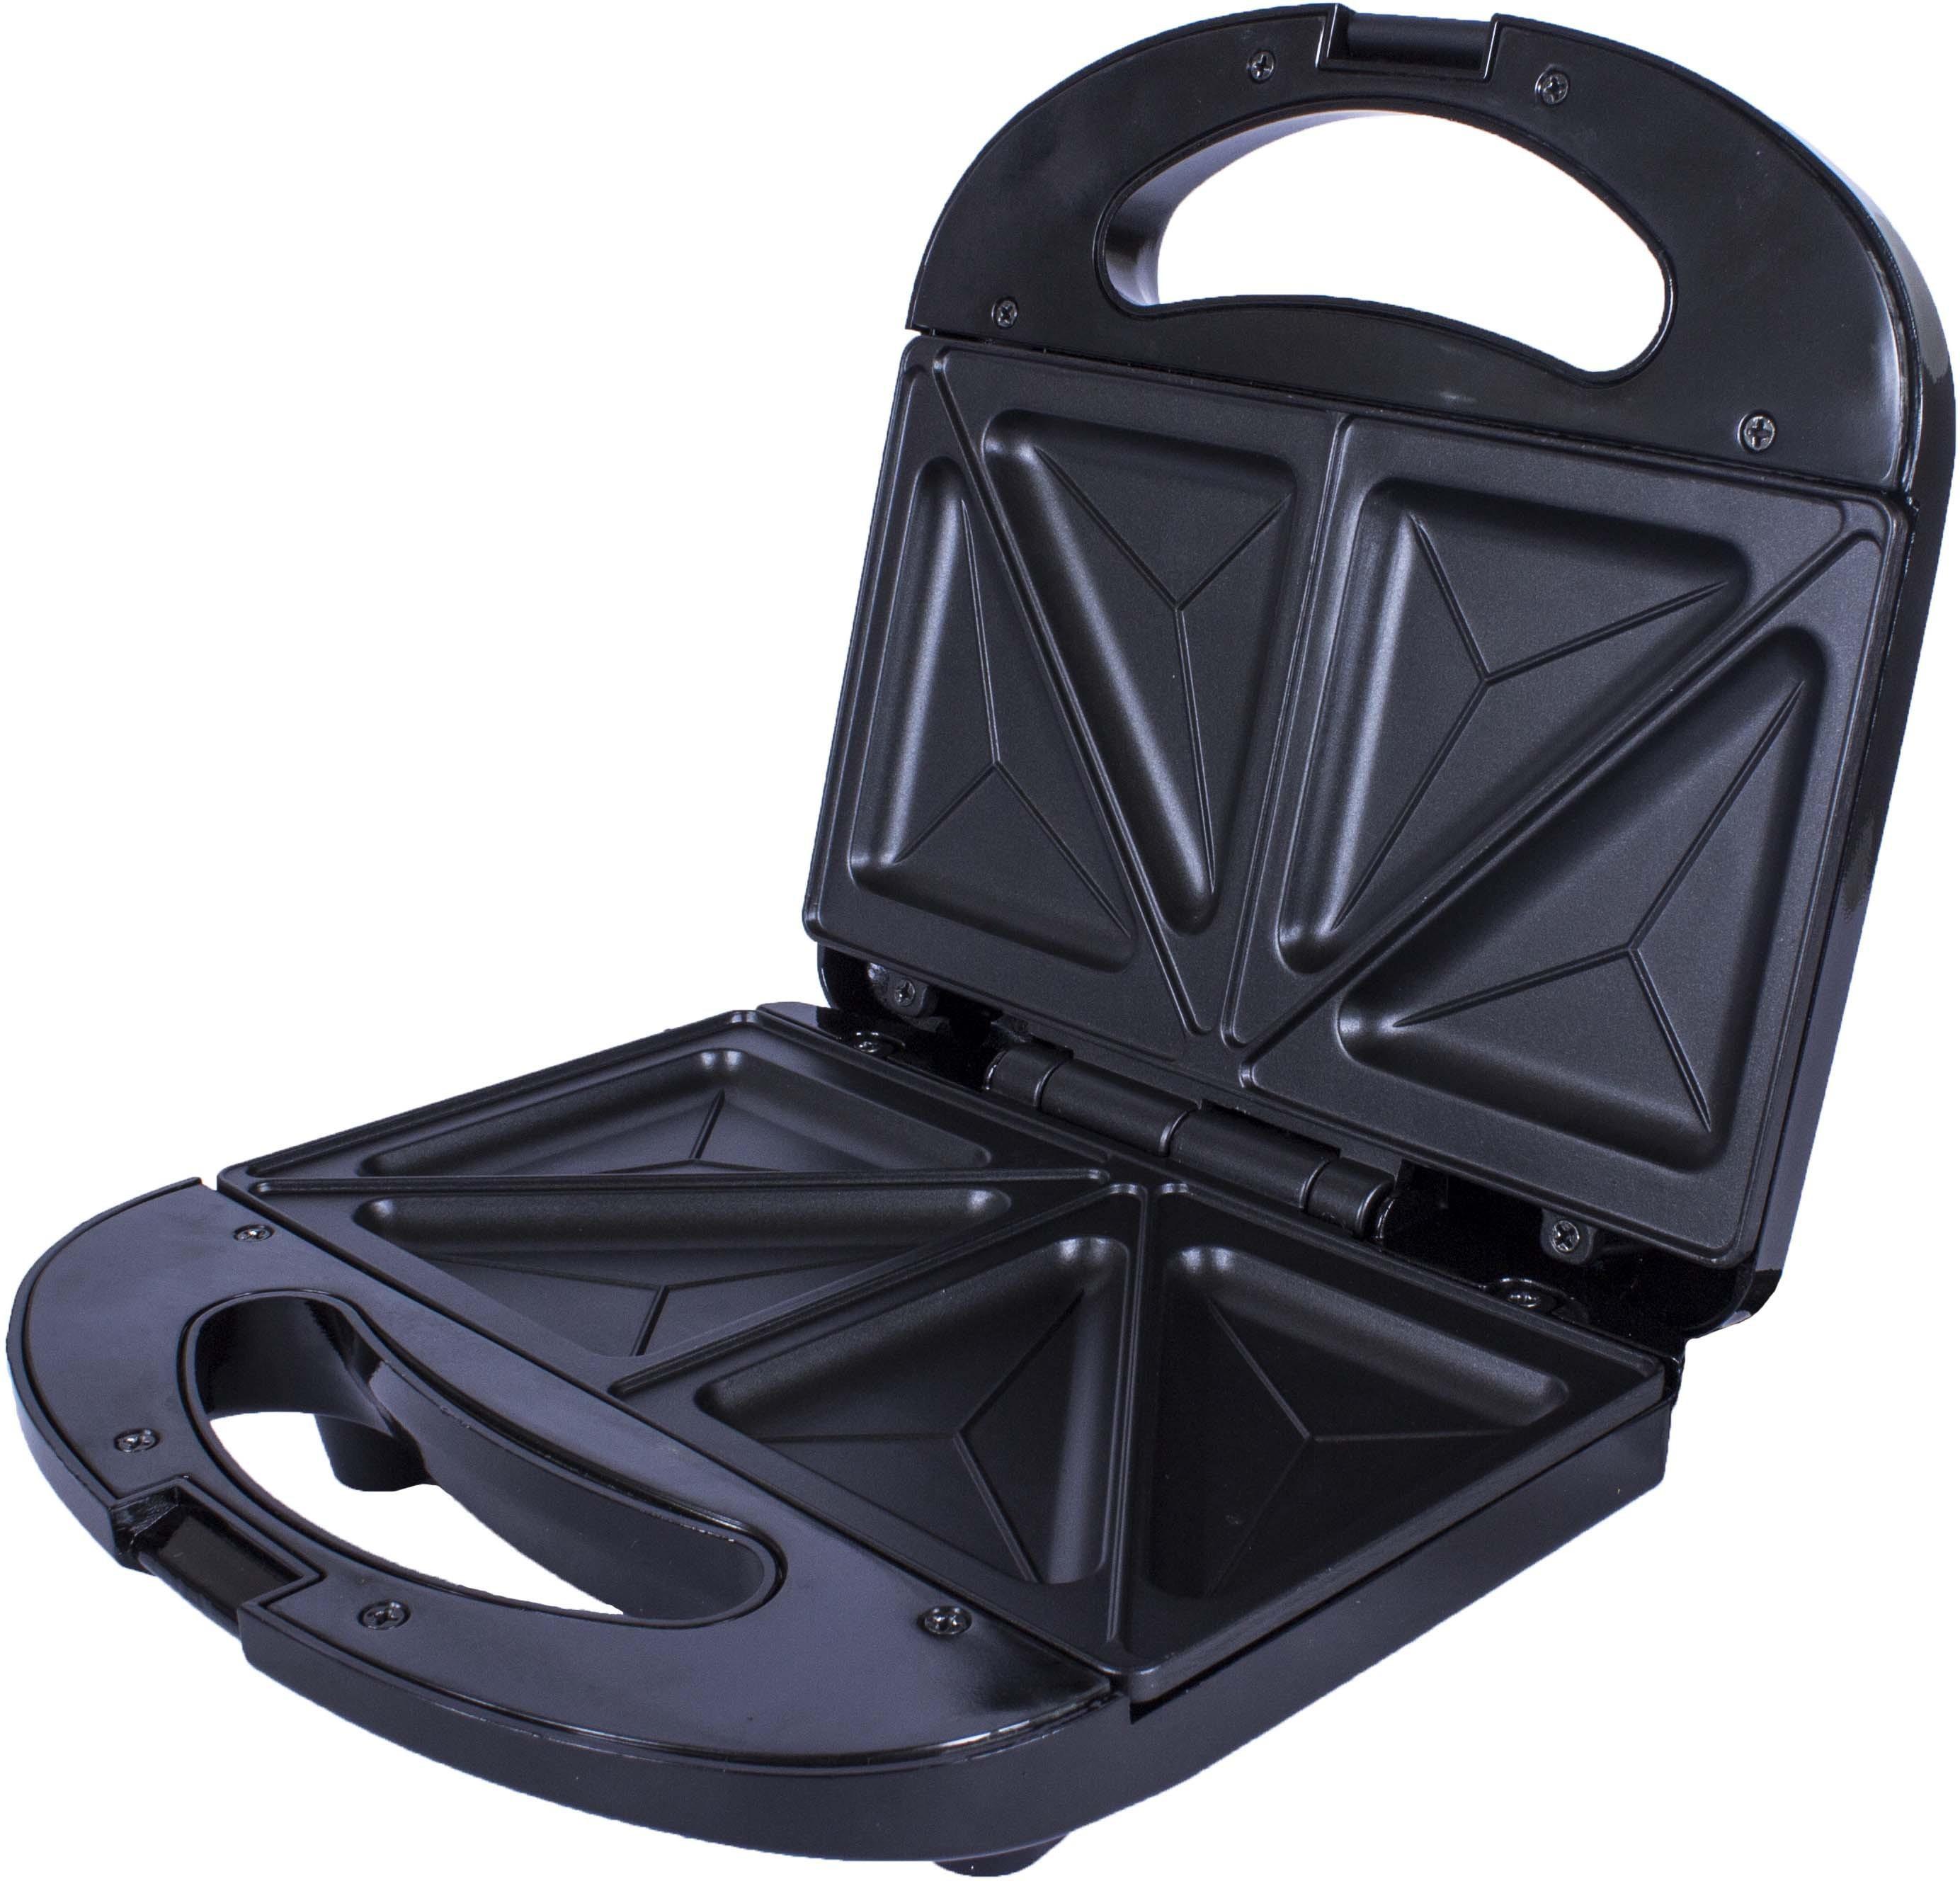 Skyline VTL 5054 Toast(Black) Image